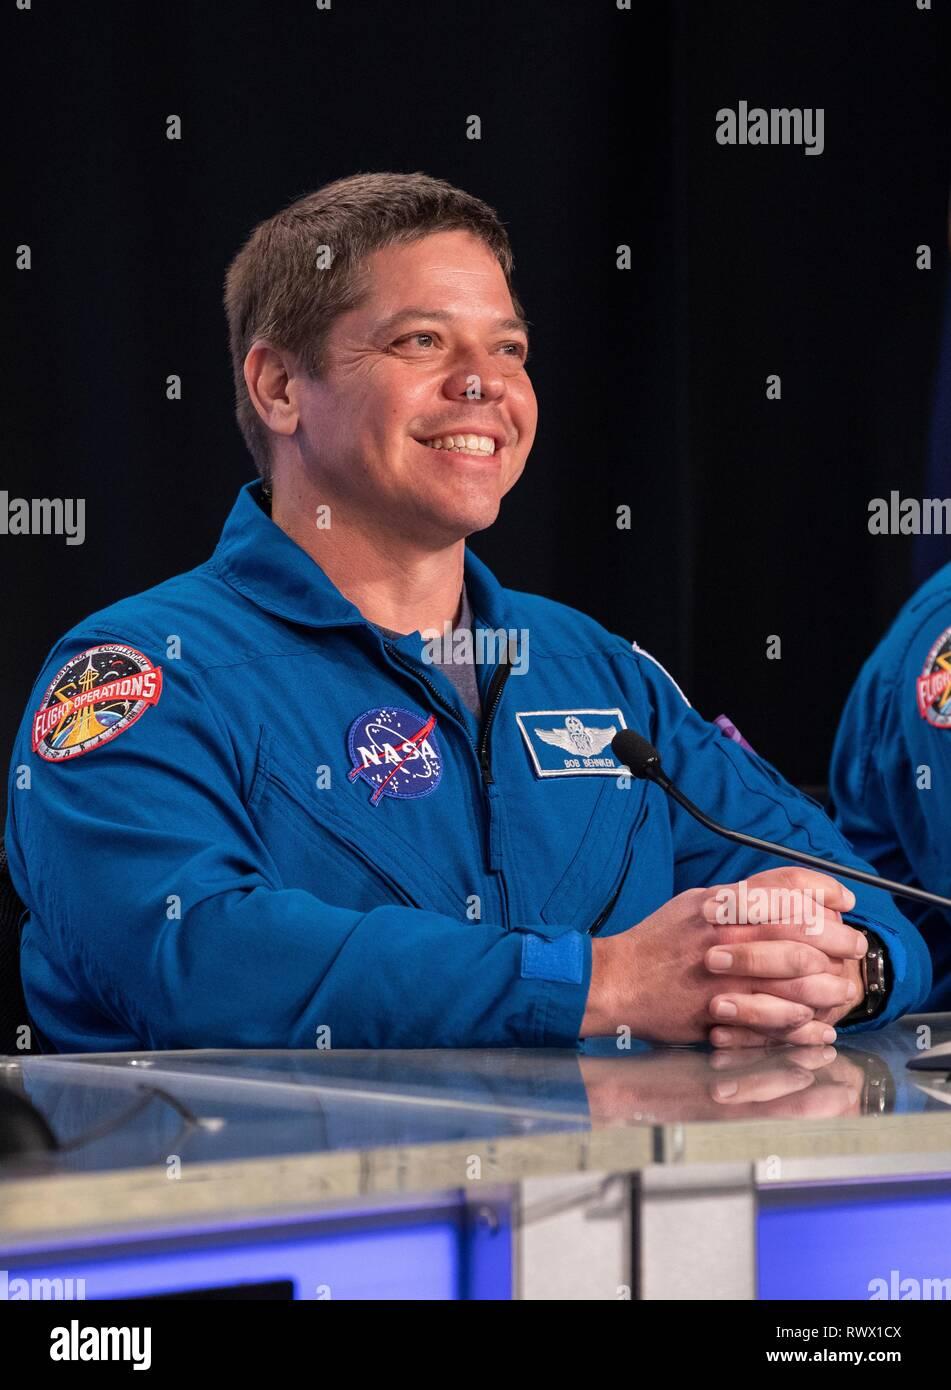 L'astronaute de la NASA Bob Behnken s'adresse aux membres des médias au cours d'une conférence de presse à la suite du lancement d'après le lancement historique de la première capsule de l'équipage commercial Demo-1 au Centre spatial Kennedy le 2 mars 2019 à Cape Canaveral, en Floride. Photo Stock